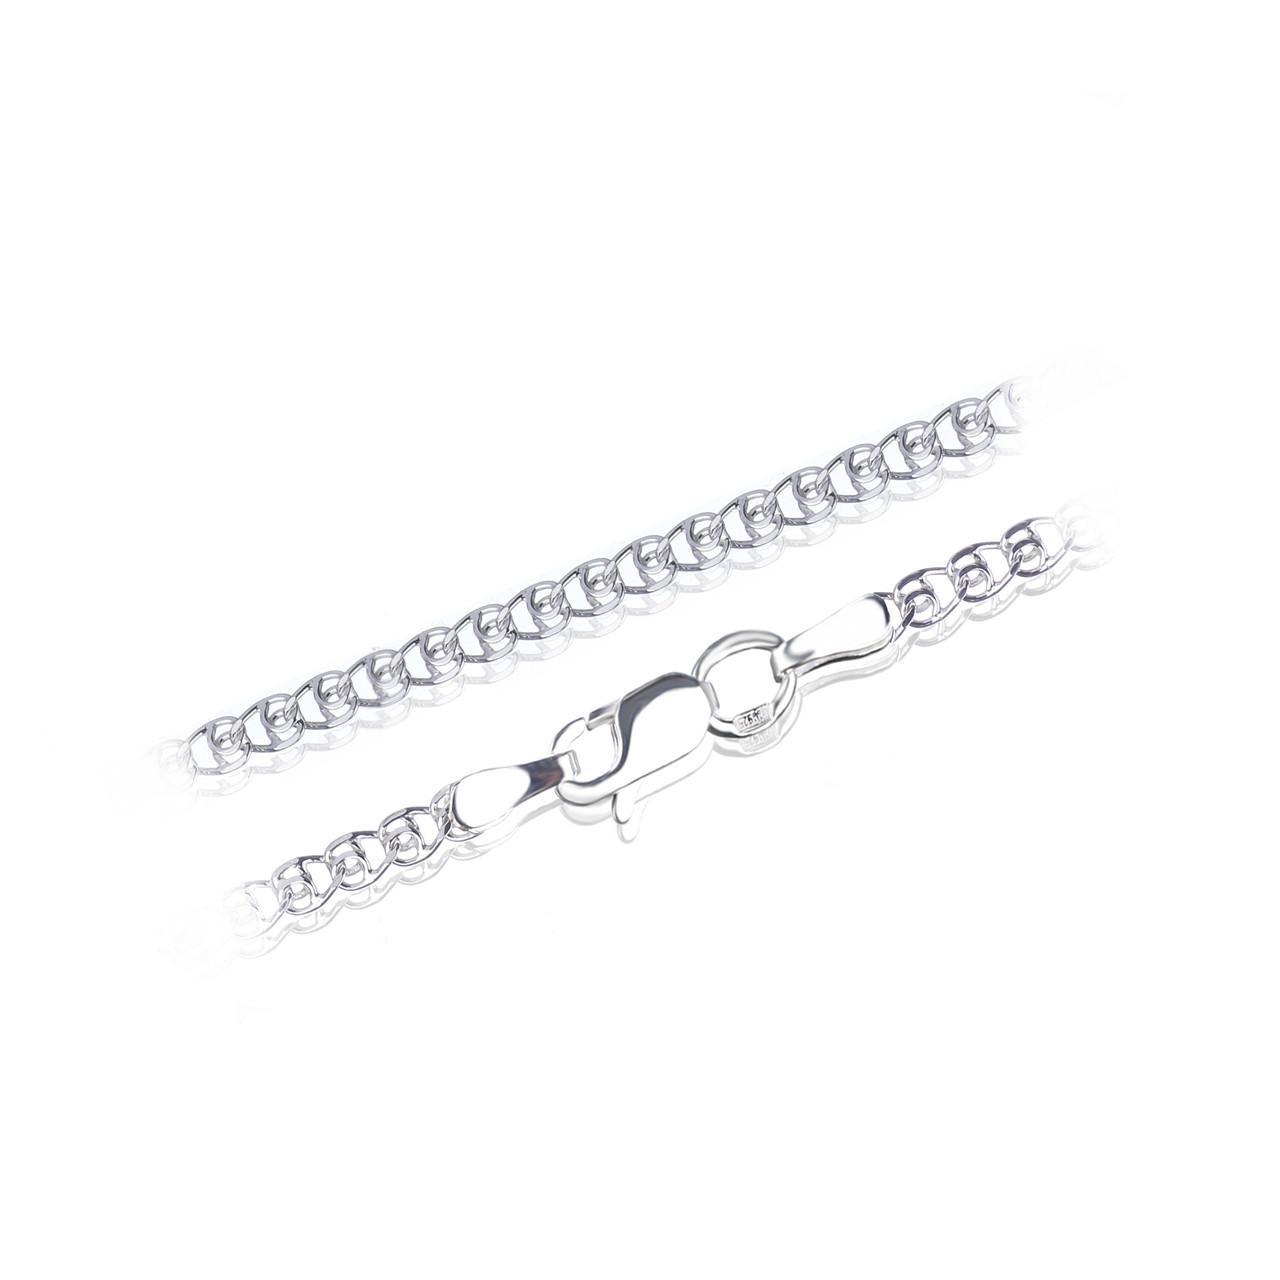 Родированная серебряная цепочка ЛАВ 2.5 мм, 40 см